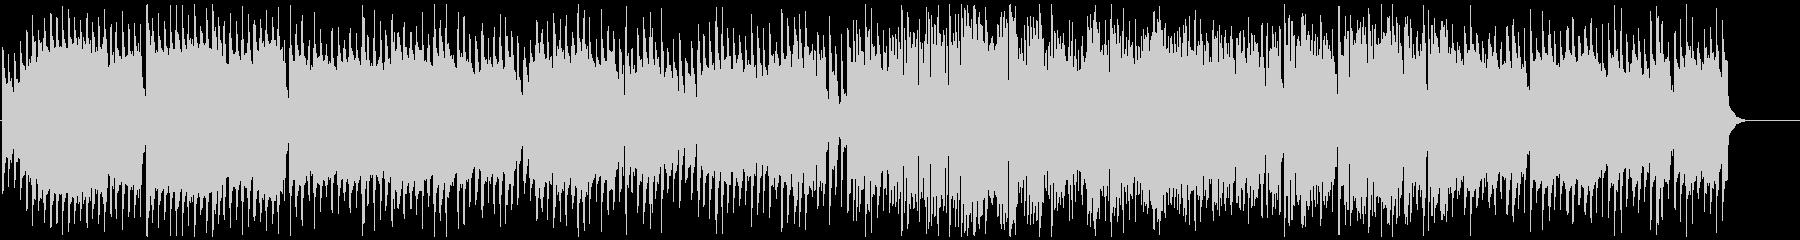 トイピアノとやわらかい音色の古いサックスの未再生の波形